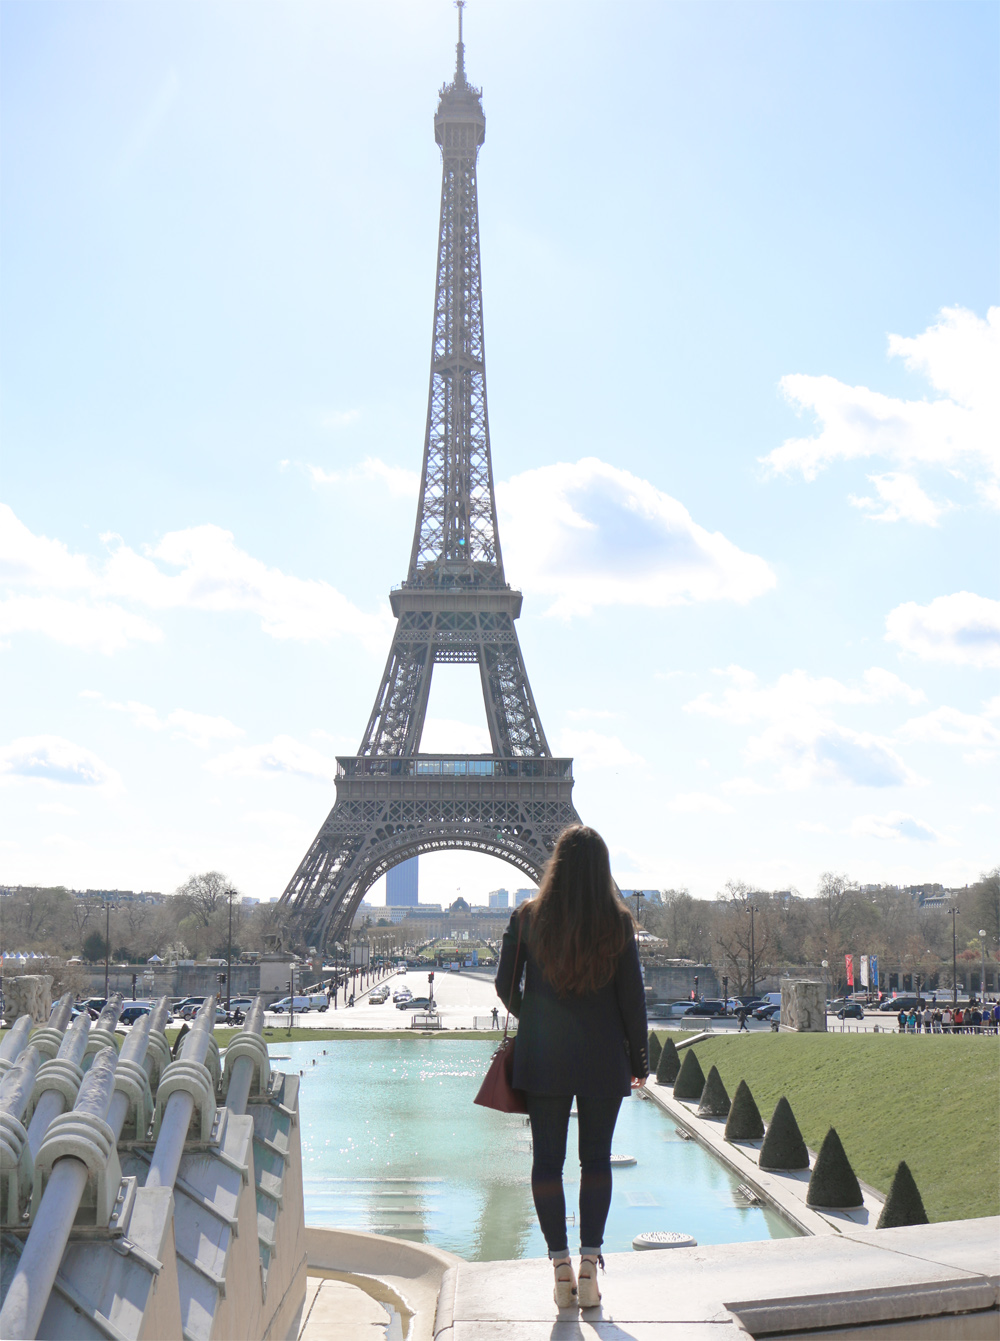 paris-tour-eiffel-tower-6